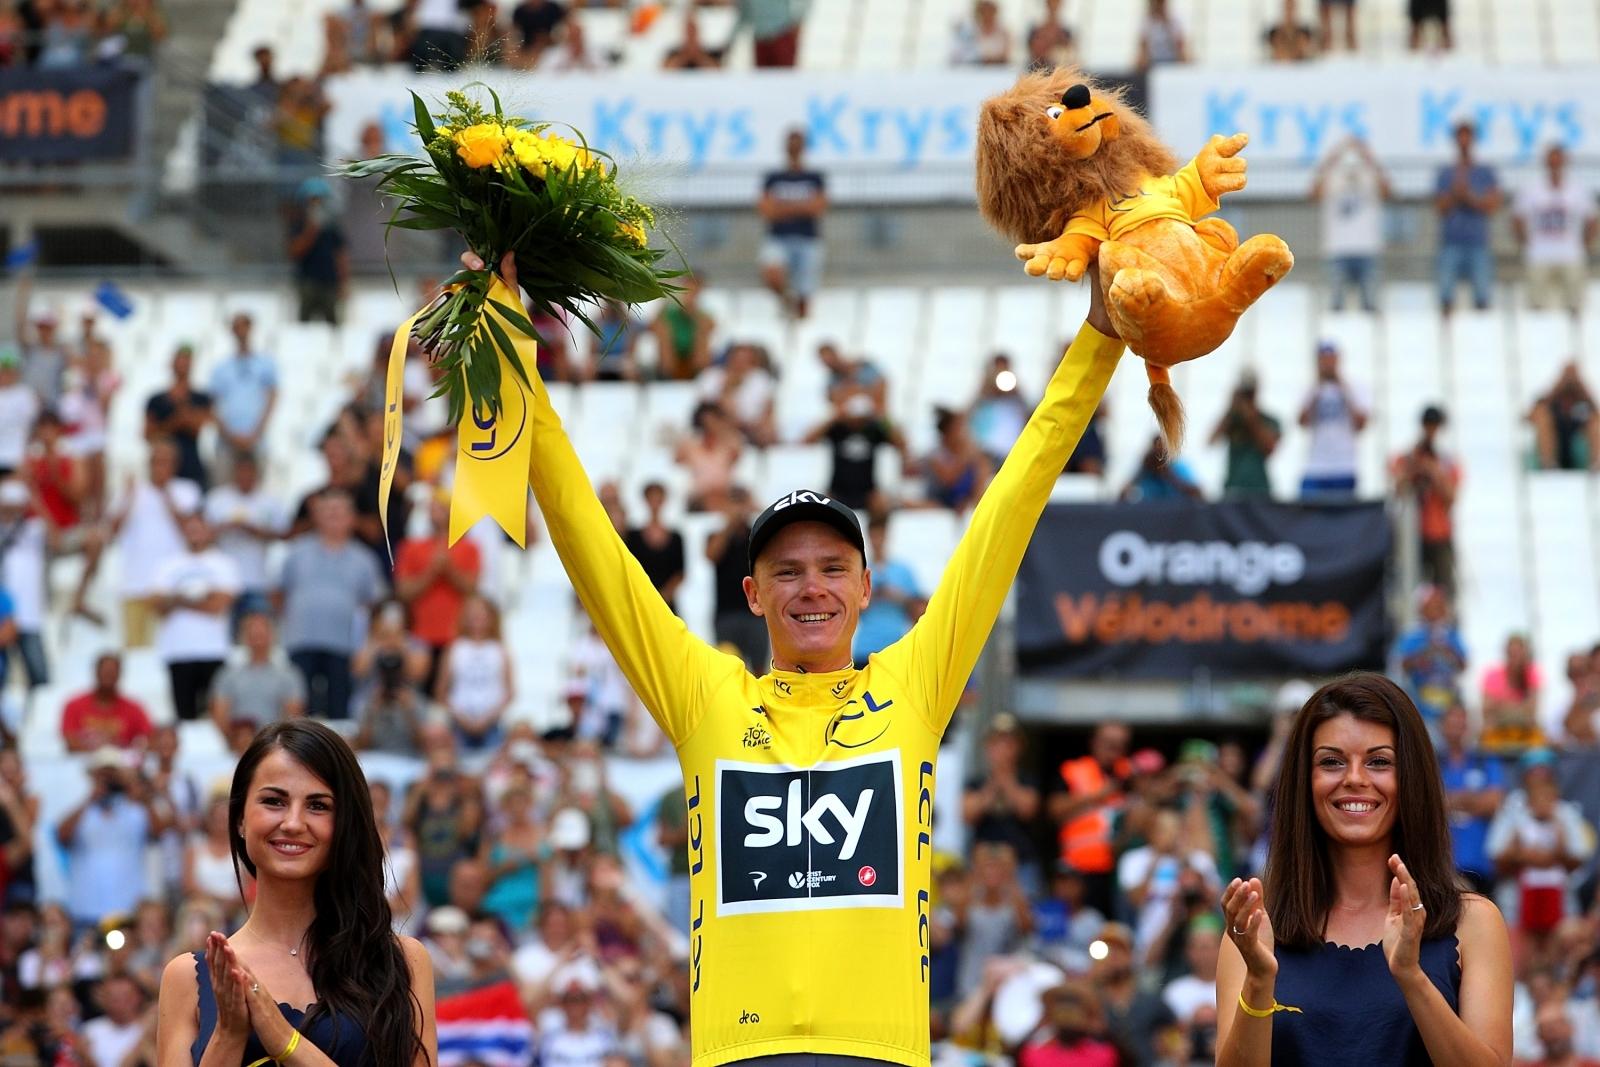 Chris Froome seals fourth Tour de France title